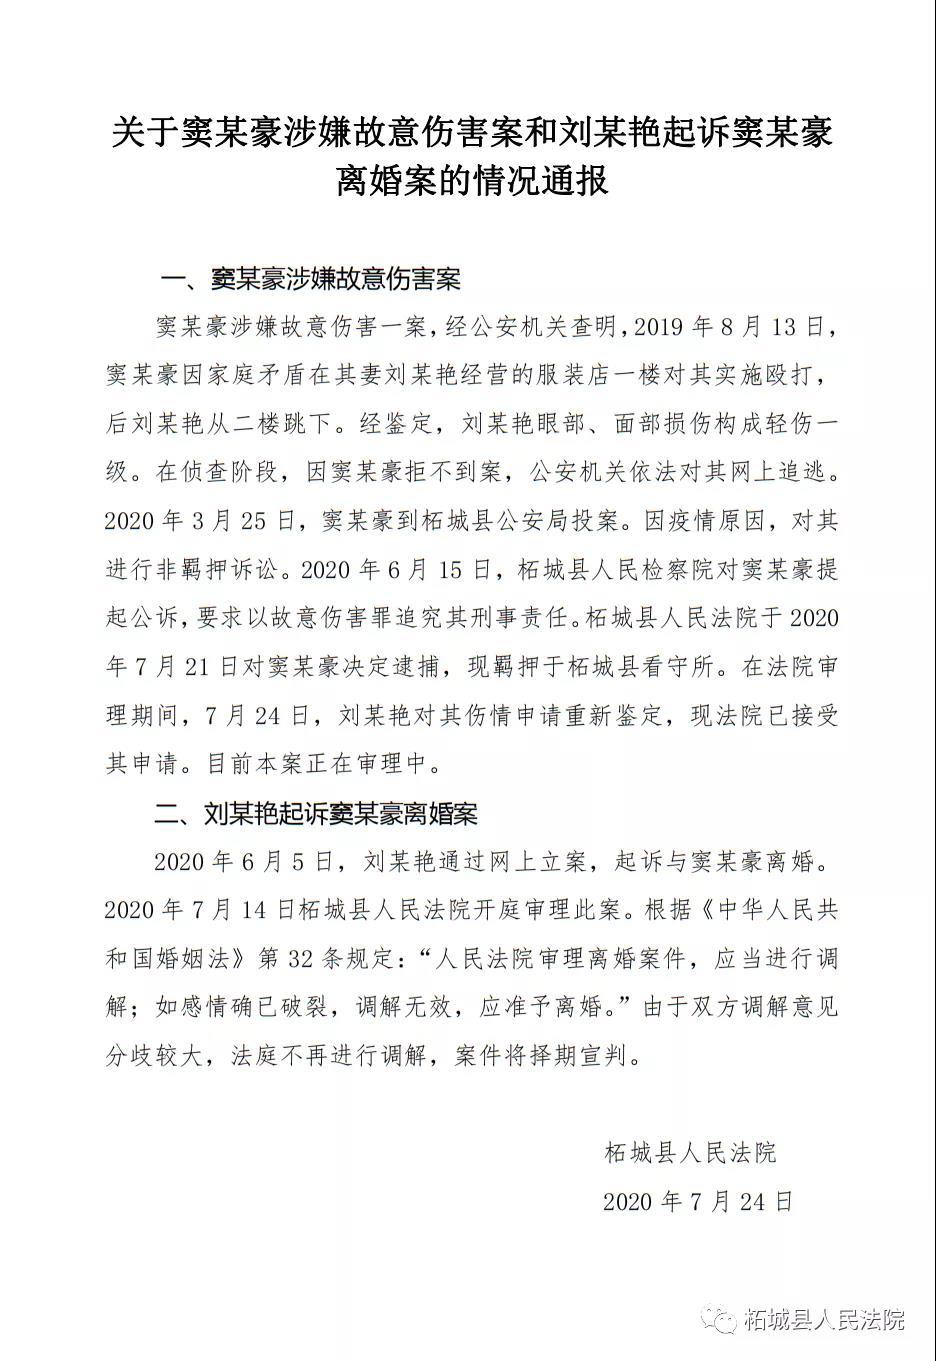 """【中文字幕免费视频线路1论坛】_法院通报""""跳楼逃生""""离婚案:将不再进行调解"""